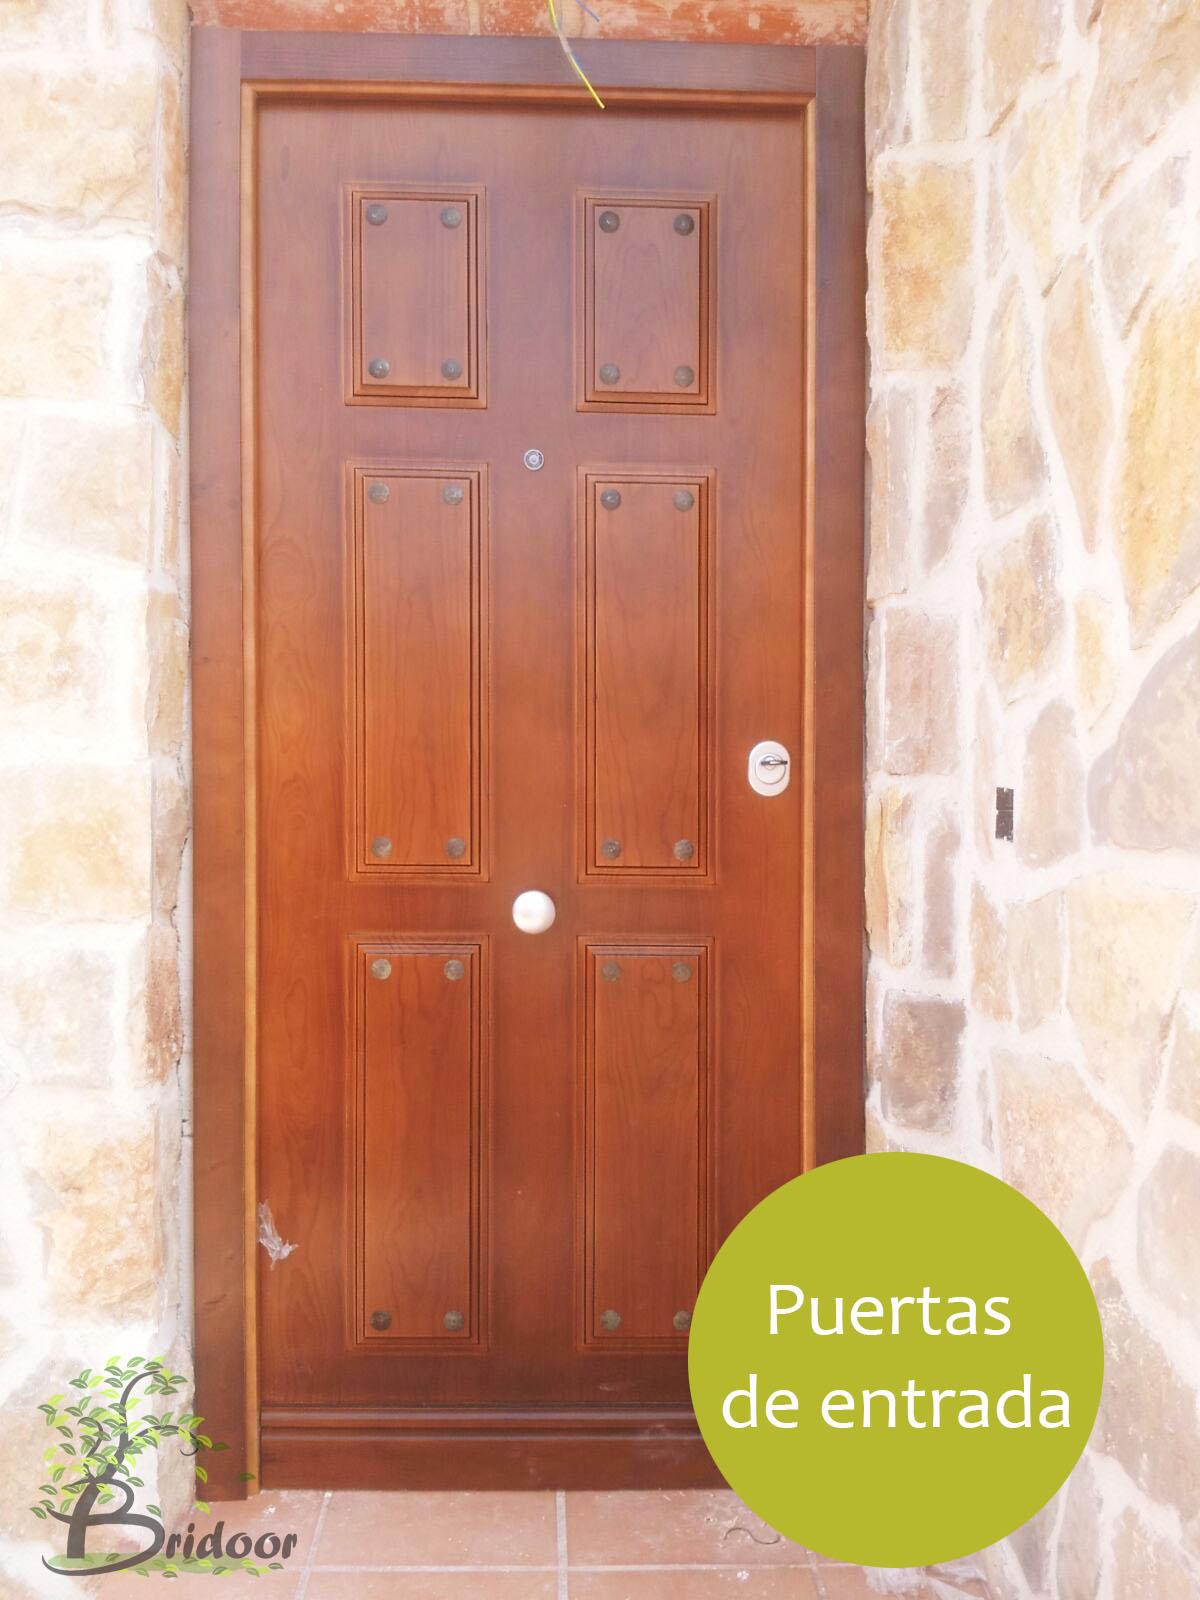 Bridoor s l puerta de entrada roble en soto del real for Puertas de madera entrada principal modernas